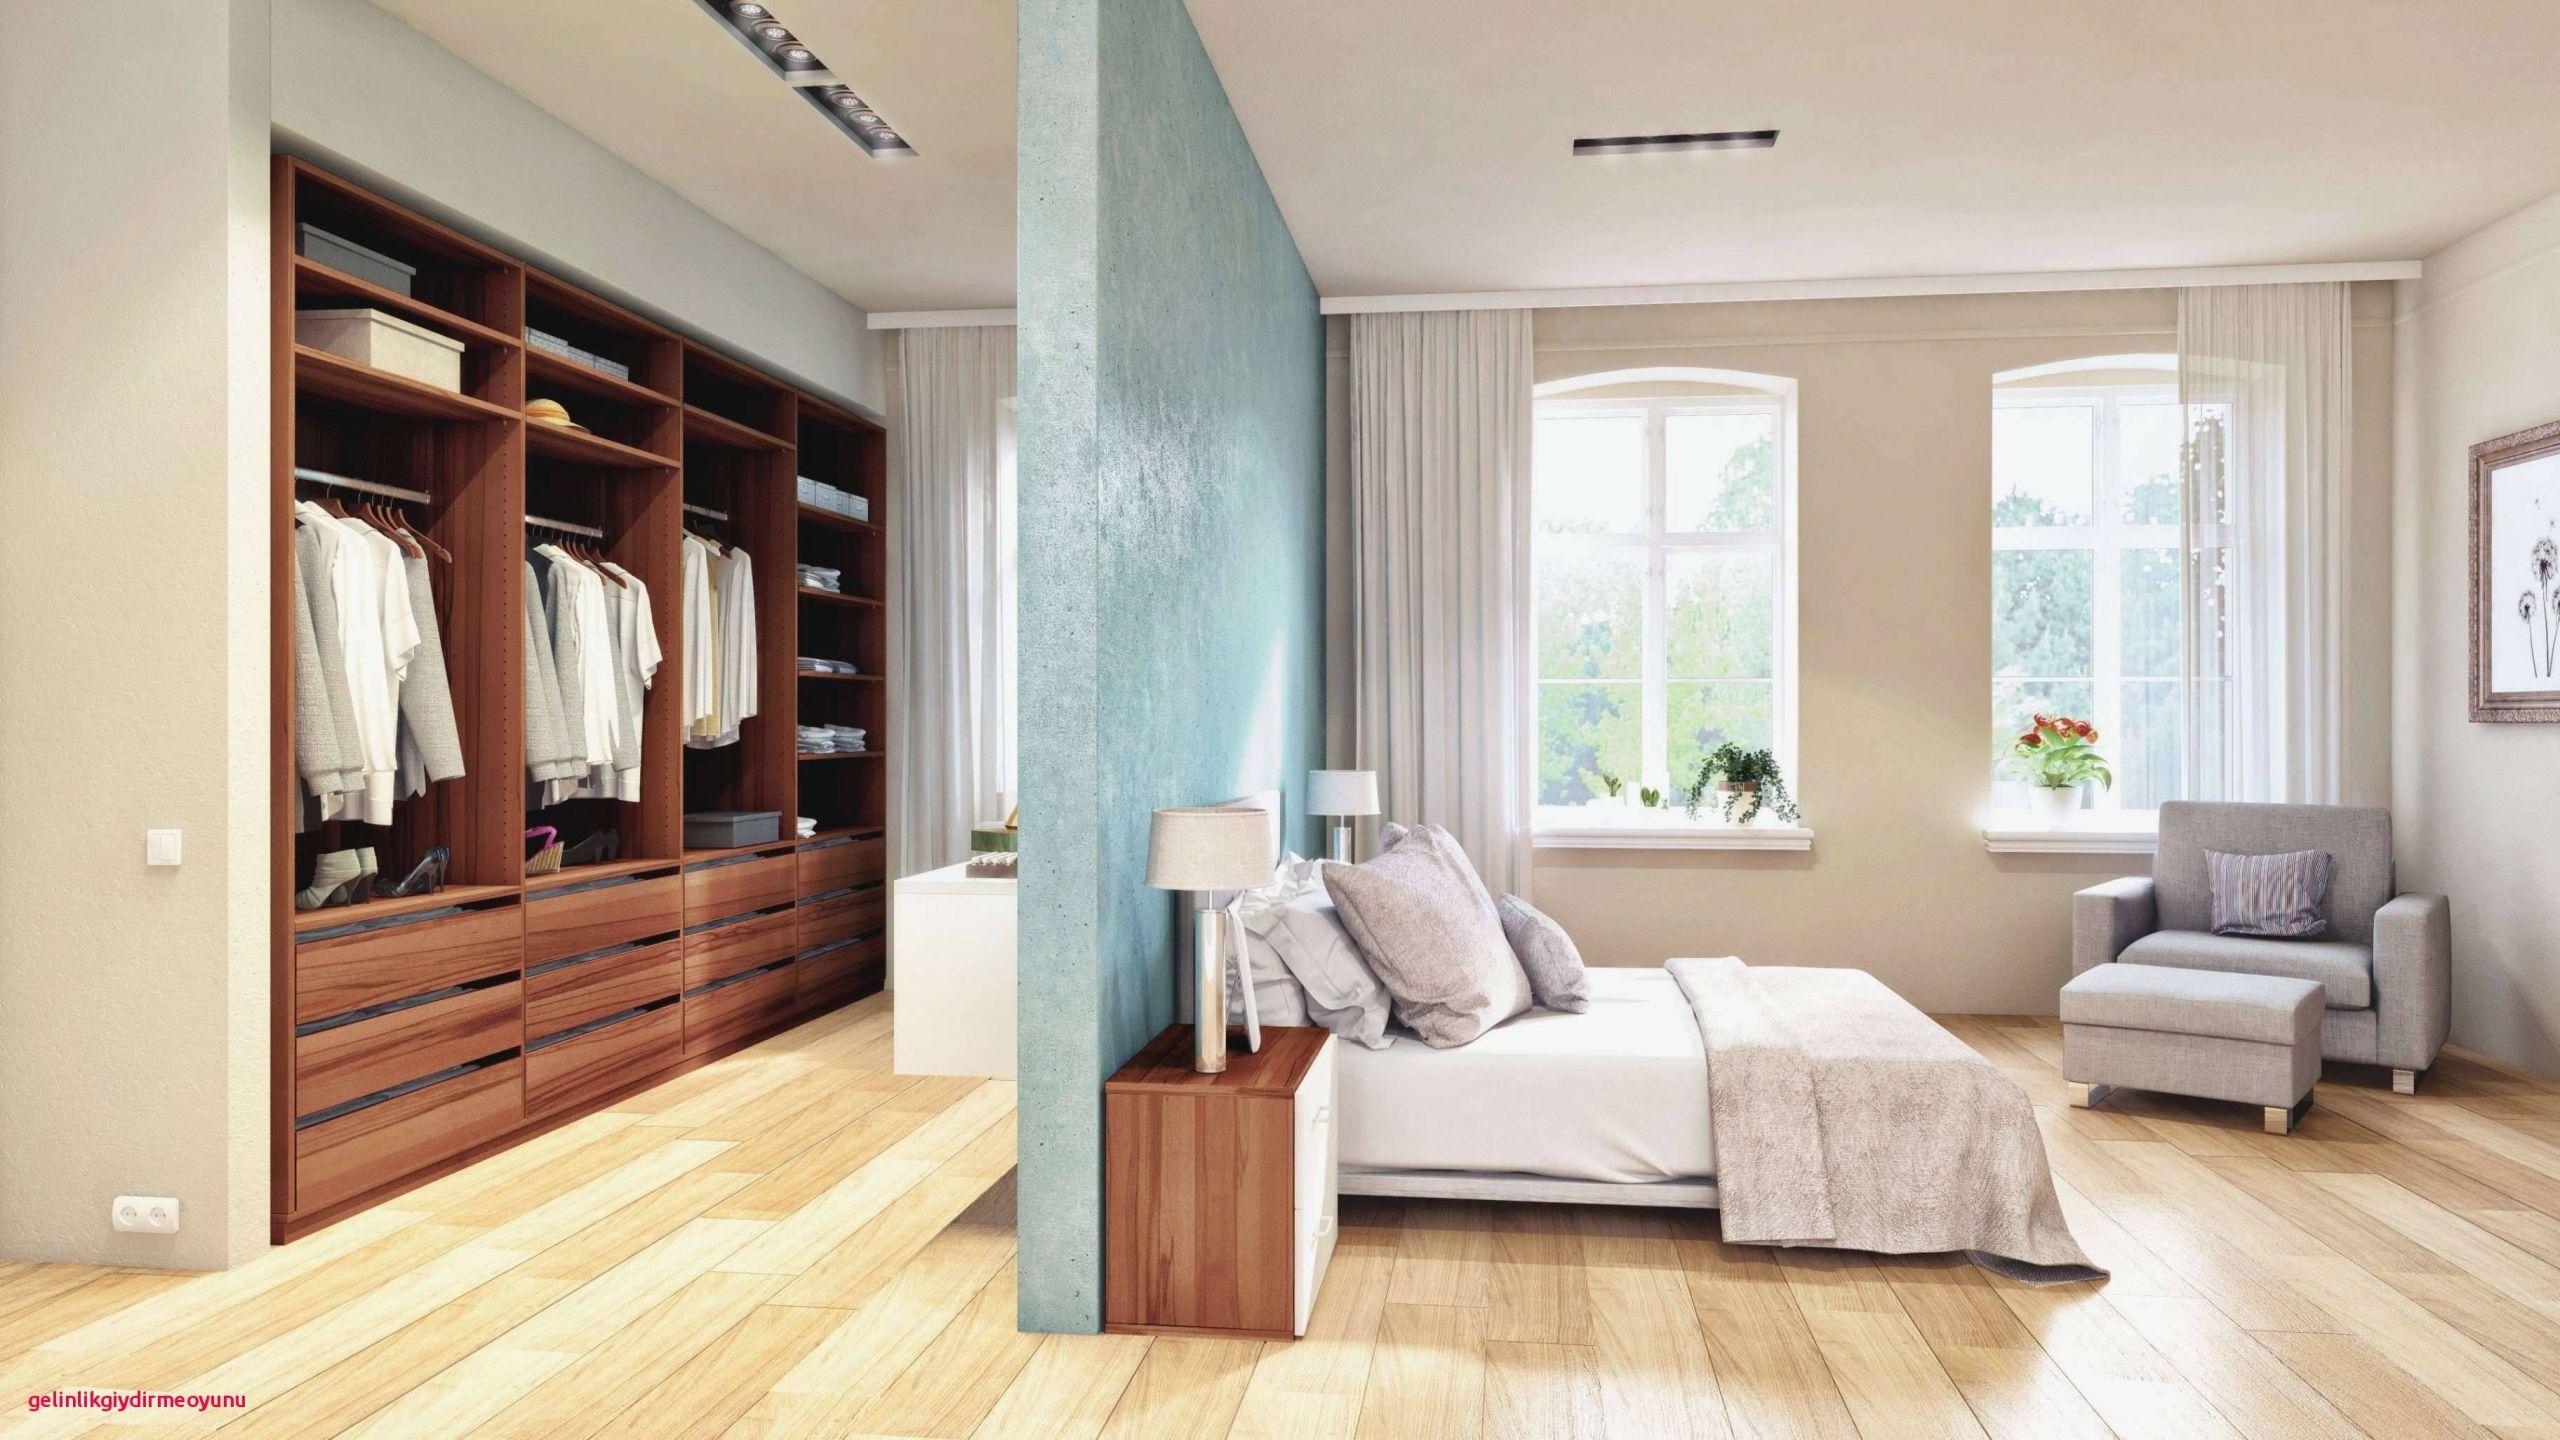 Deko Ideen Für Garten Schön Inspirierend Deko Ideen Für Kleines Wohnzimmer Inspirationen